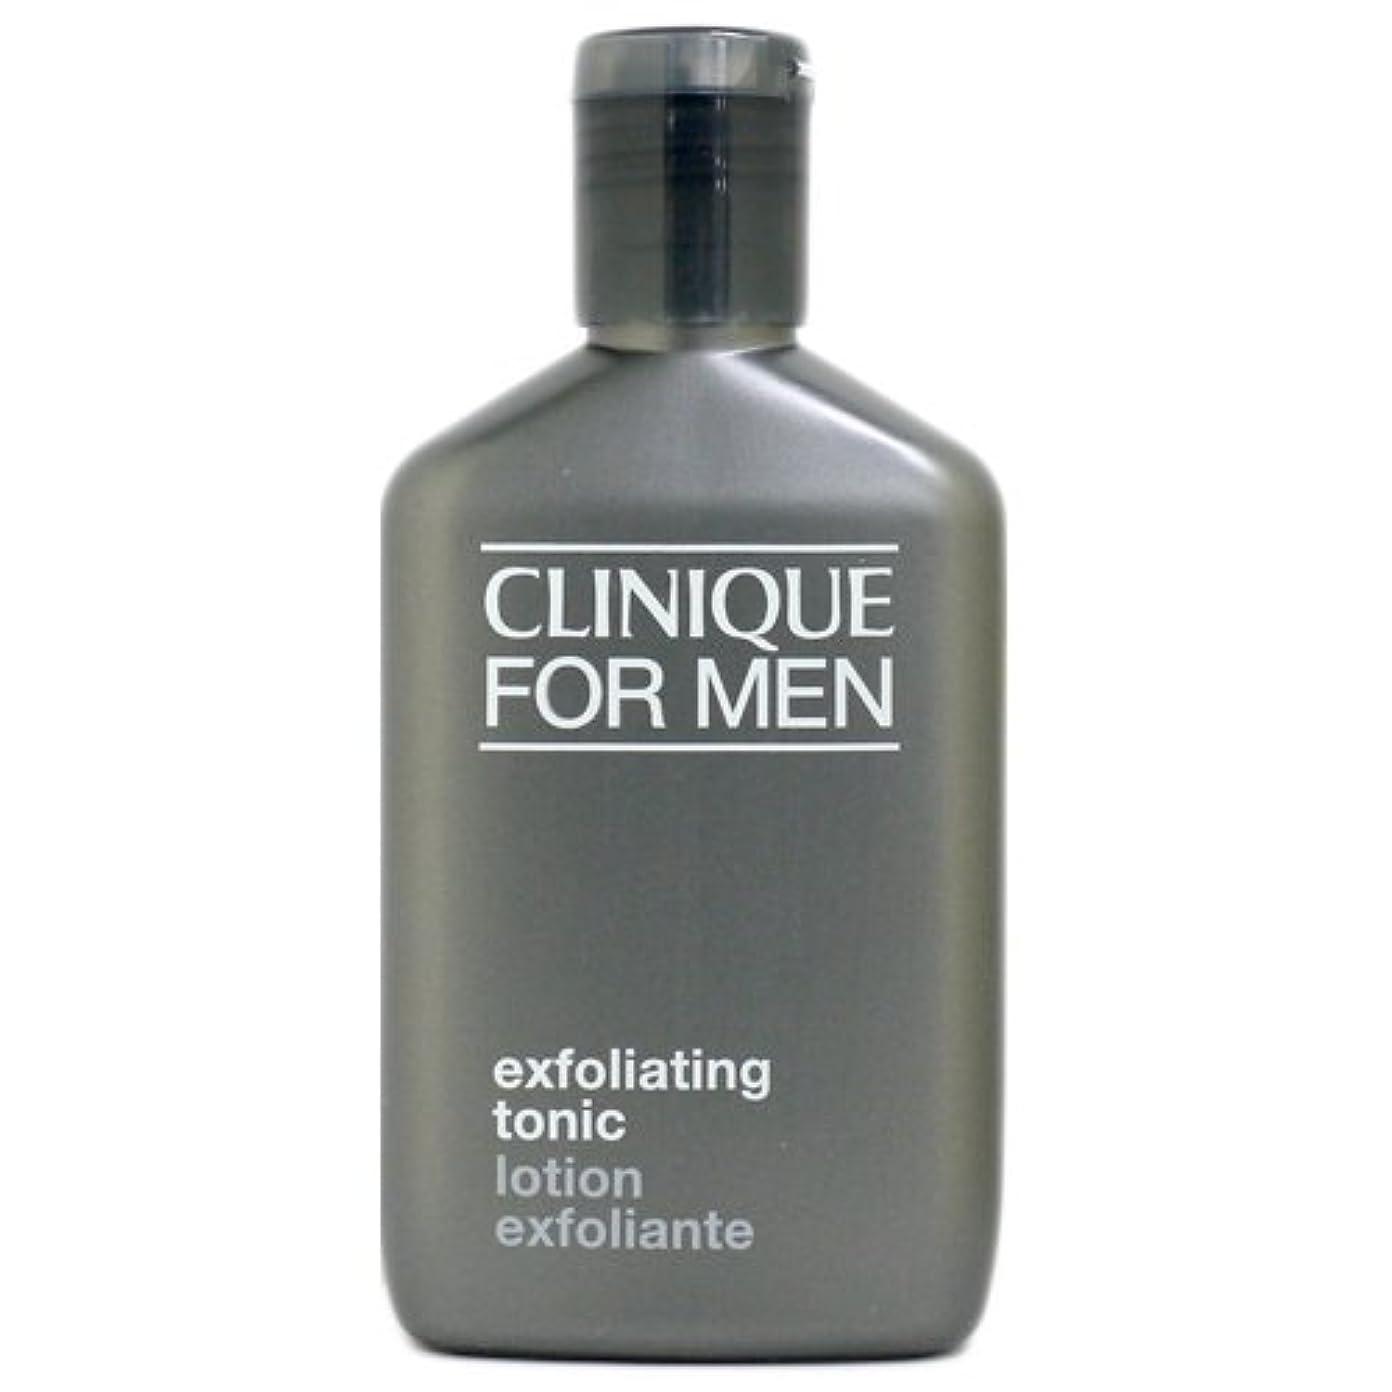 コートダニ曲げるクリニークフォーメン(CLINIQUE FOR MEN) エクスフォリエーティング トニック 200ml[並行輸入品]